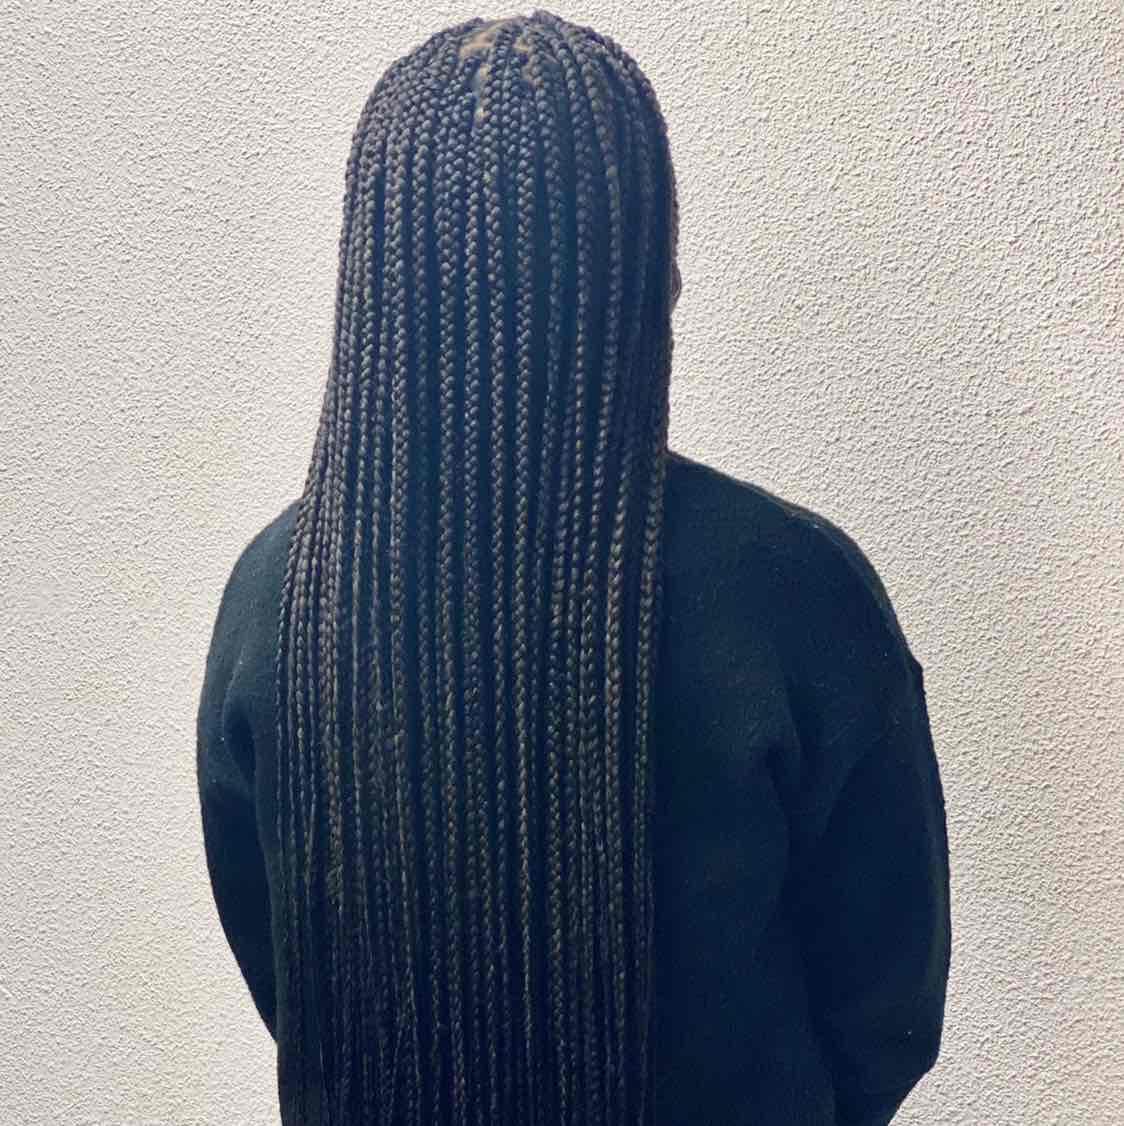 salon de coiffure afro tresse tresses box braids crochet braids vanilles tissages paris 75 77 78 91 92 93 94 95 DGRLFVUH